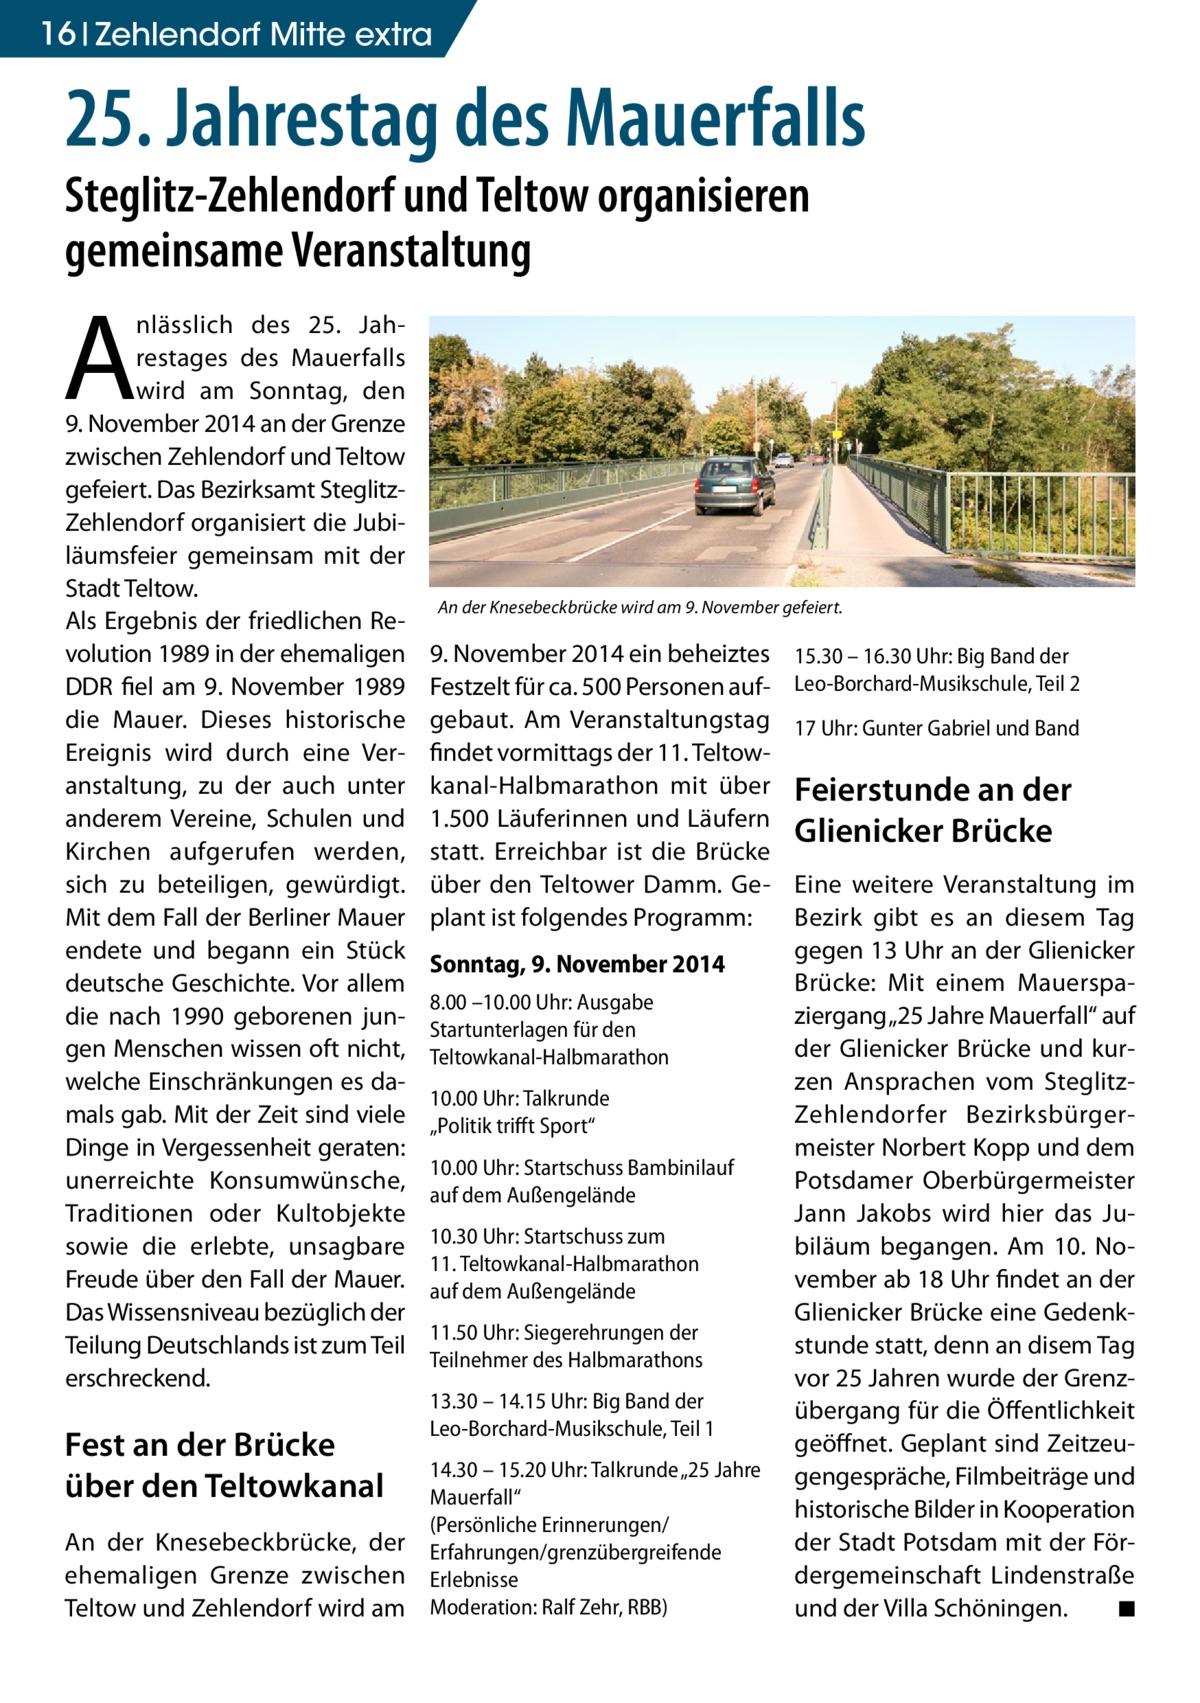 """16 Zehlendorf Mitte extra  25. Jahrestag des Mauerfalls Steglitz-Zehlendorf und Teltow organisieren gemeinsame Veranstaltung  A  nlässlich des 25. Jahrestages des Mauerfalls wird am Sonntag, den 9.November 2014 an der Grenze zwischen Zehlendorf und Teltow gefeiert. Das Bezirksamt SteglitzZehlendorf organisiert die Jubiläumsfeier gemeinsam mit der Stadt Teltow. Als Ergebnis der friedlichen Revolution 1989 in der ehemaligen DDR fiel am 9. November 1989 die Mauer. Dieses historische Ereignis wird durch eine Veranstaltung, zu der auch unter anderem Vereine, Schulen und Kirchen aufgerufen werden, sich zu beteiligen, gewürdigt. Mit dem Fall der Berliner Mauer endete und begann ein Stück deutsche Geschichte. Vor allem die nach 1990 geborenen jungen Menschen wissen oft nicht, welche Einschränkungen es damals gab. Mit der Zeit sind viele Dinge in Vergessenheit geraten: unerreichte Konsumwünsche, Traditionen oder Kultobjekte sowie die erlebte, unsagbare Freude über den Fall der Mauer. Das Wissensniveau bezüglich der Teilung Deutschlands ist zum Teil erschreckend.  Fest an der Brücke über den Teltowkanal An der Knesebeckbrücke, der ehemaligen Grenze zwischen Teltow und Zehlendorf wird am  An der Knesebeckbrücke wird am 9. November gefeiert.  9.November 2014 ein beheiztes Festzelt für ca. 500 Personen aufgebaut. Am Veranstaltungstag findet vormittags der 11. Teltowkanal-Halbmarathon mit über 1.500 Läuferinnen und Läufern statt. Erreichbar ist die Brücke über den Teltower Damm. Geplant ist folgendes Programm: Sonntag, 9. November 2014 8.00 –10.00 Uhr: Ausgabe Startunterlagen für den Teltowkanal-Halbmarathon 10.00 Uhr: Talkrunde """"Politik trifft Sport"""" 10.00 Uhr: Startschuss Bambinilauf auf dem Außengelände 10.30 Uhr: Startschuss zum 11.Teltowkanal-Halbmarathon auf dem Außengelände 11.50 Uhr: Siegerehrungen der Teilnehmer des Halbmarathons 13.30 – 14.15 Uhr: Big Band der Leo-Borchard-Musikschule, Teil 1 14.30 – 15.20 Uhr: Talkrunde """"25 Jahre Mauerfall"""" (Persönliche Erinnerungen/ E"""